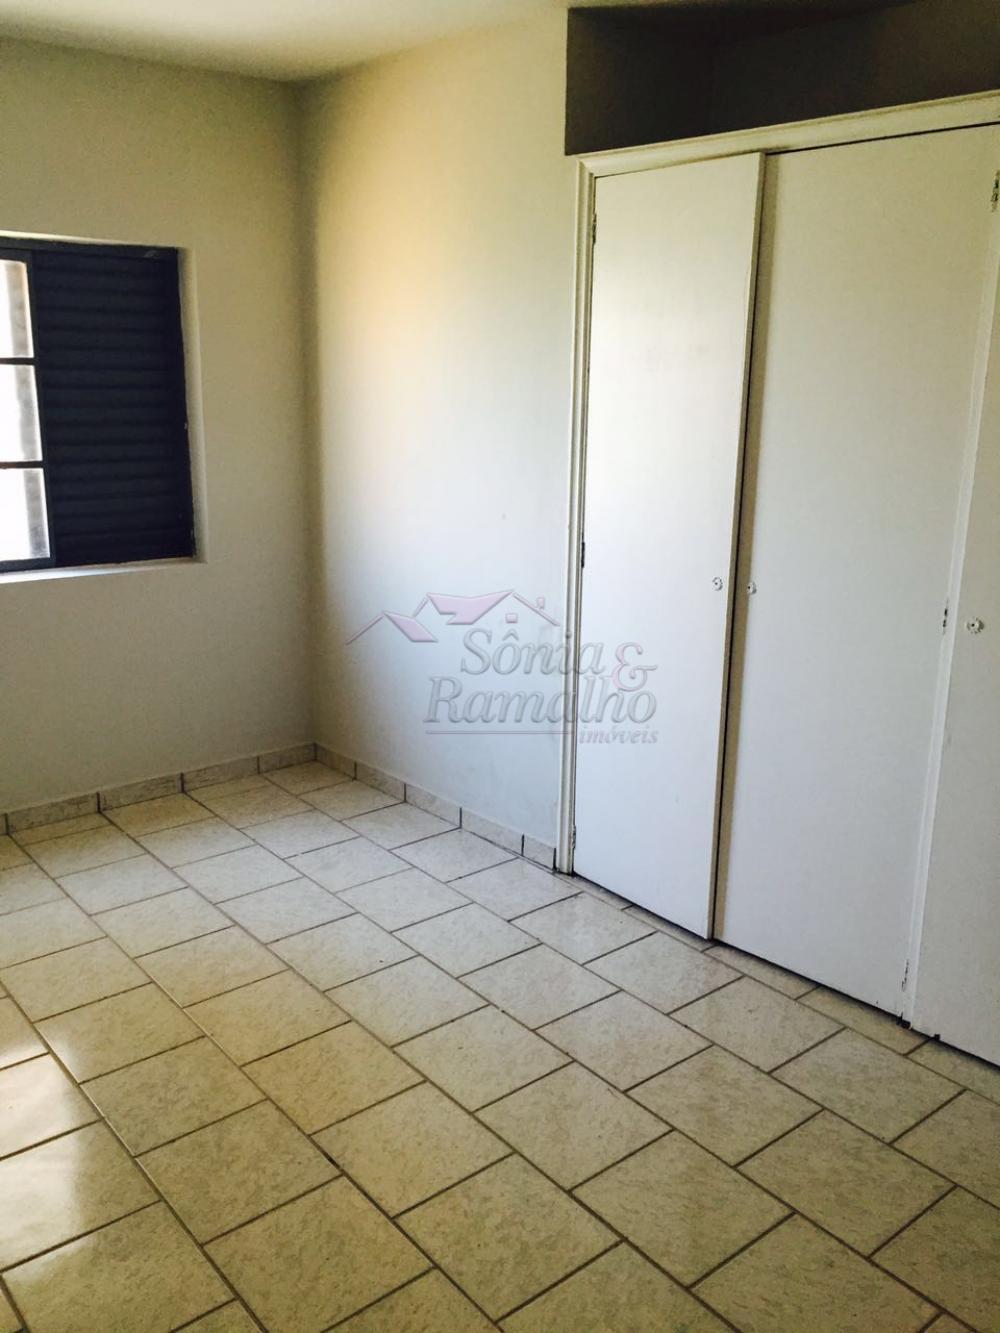 Comprar Apartamentos / Padrão em Ribeirão Preto apenas R$ 100.000,00 - Foto 3